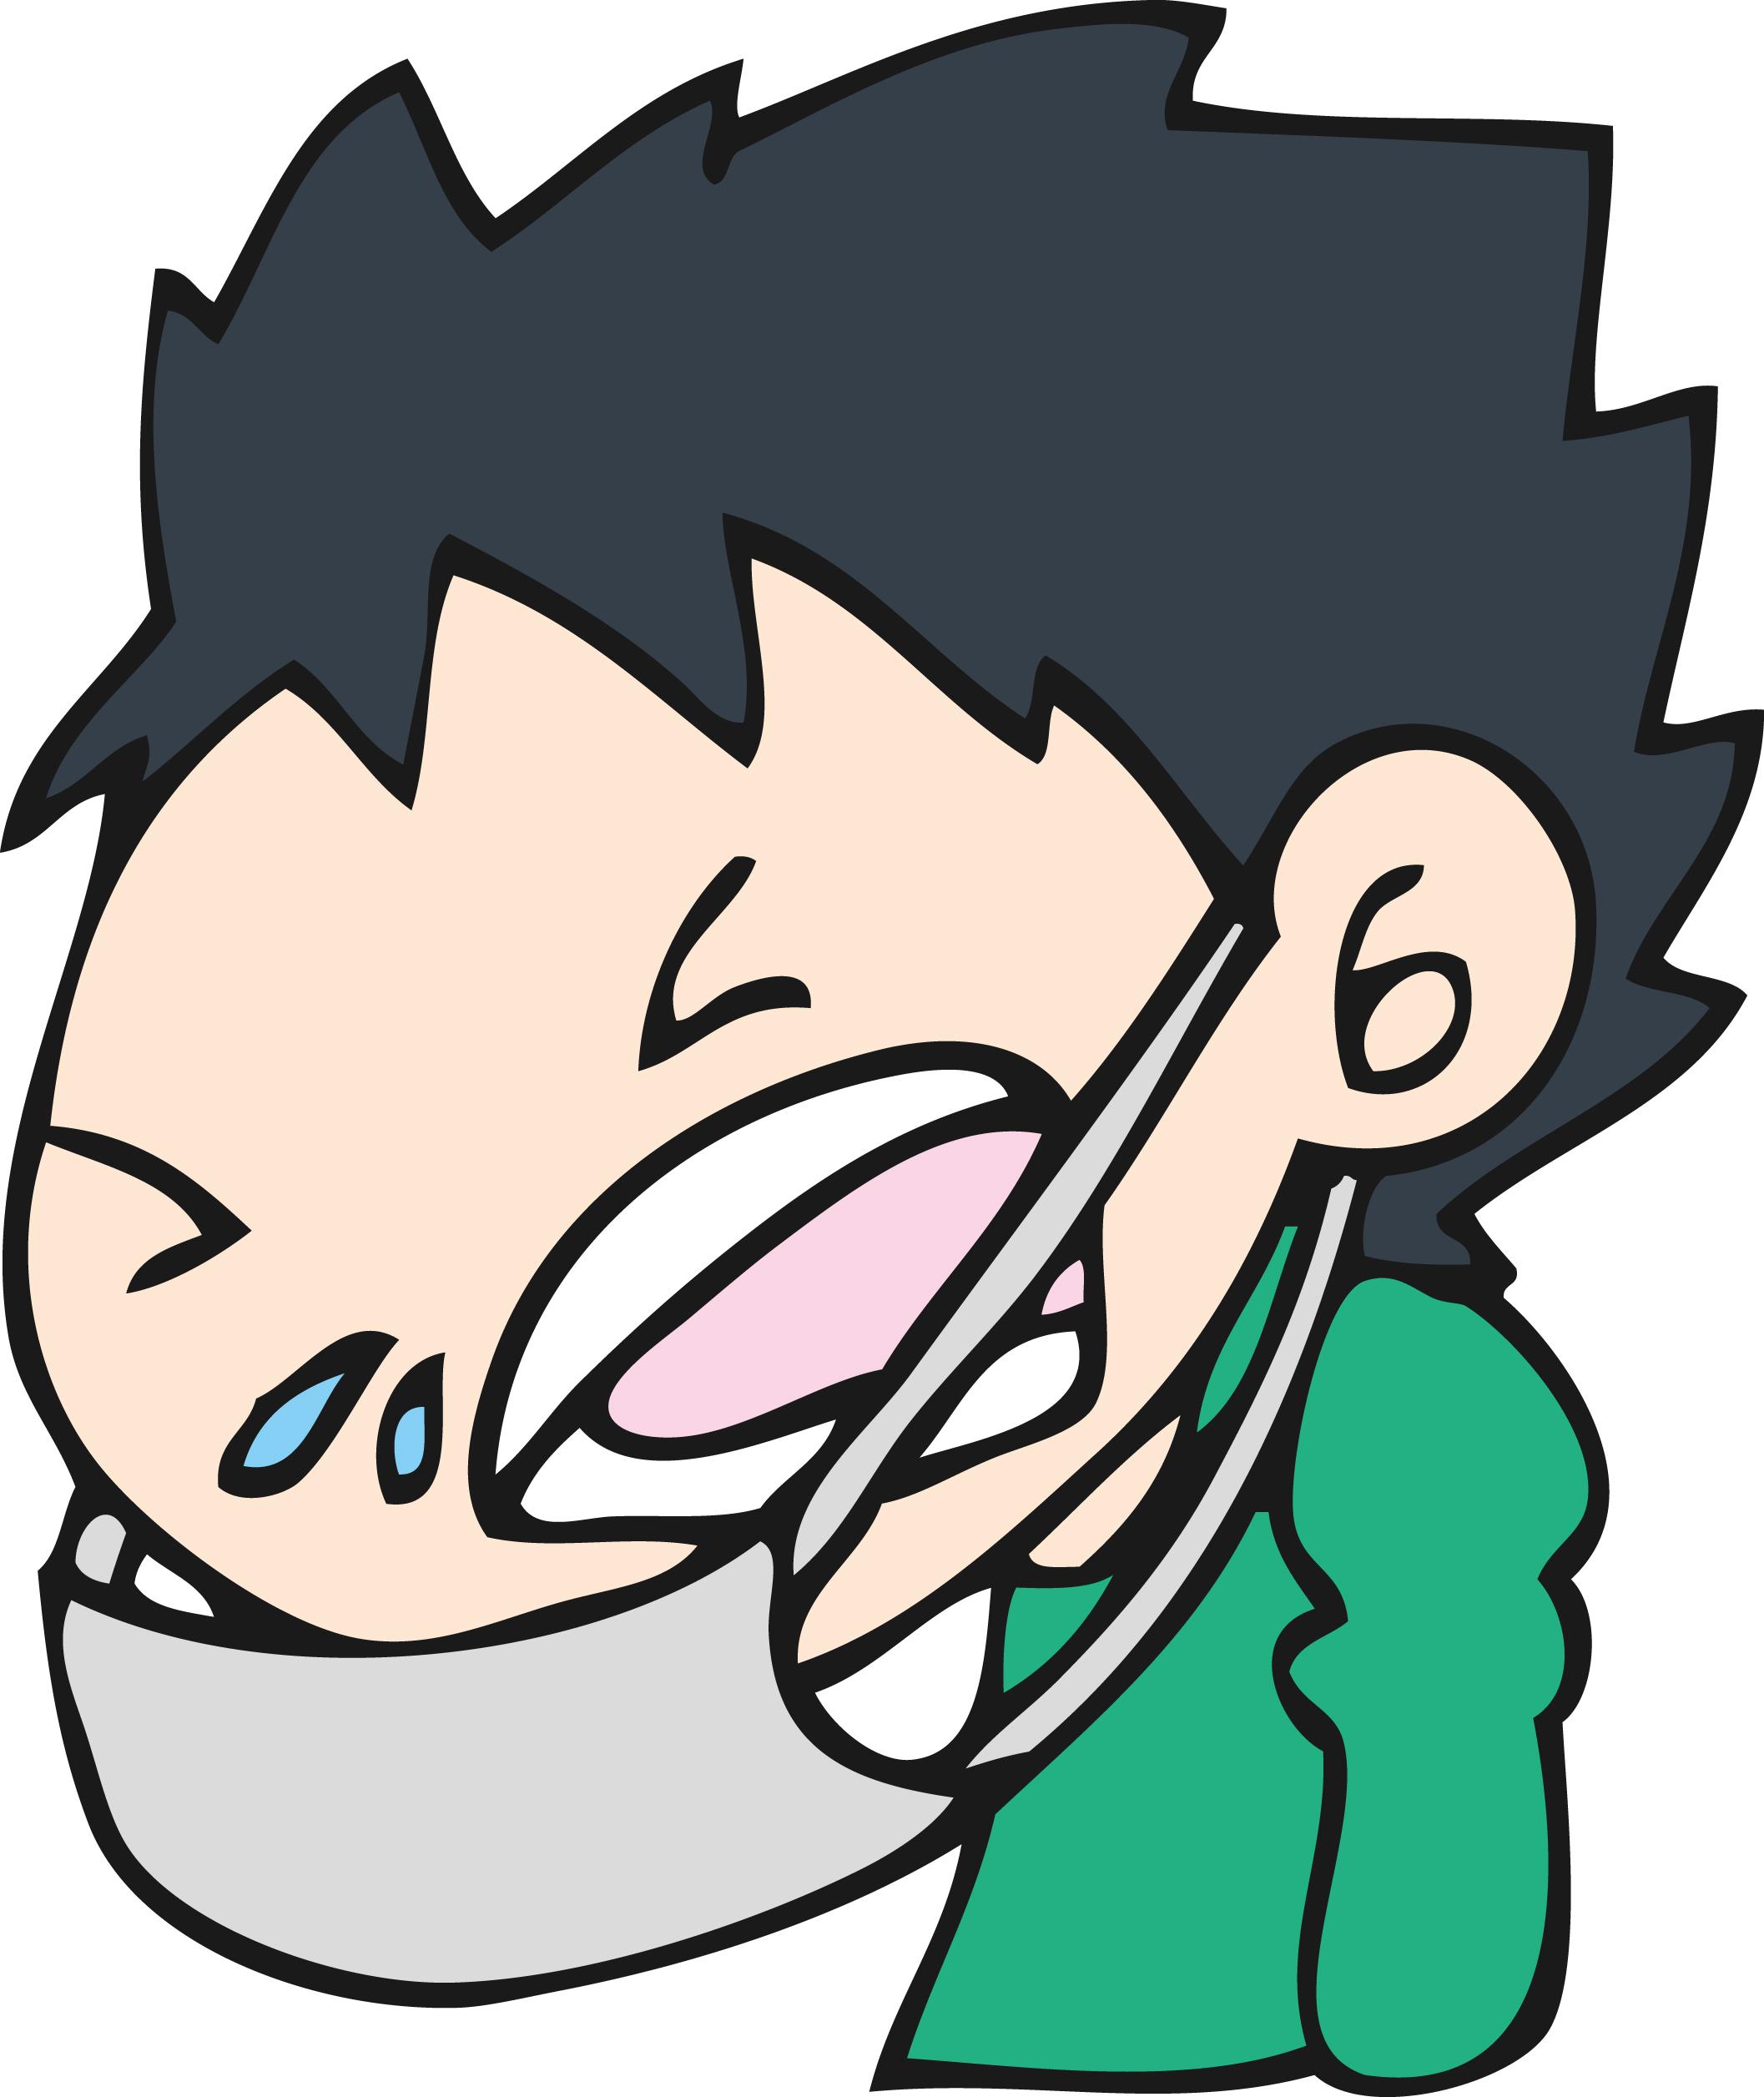 風邪を早く治す方法(治し方)と風邪薬の副作用の恐怖